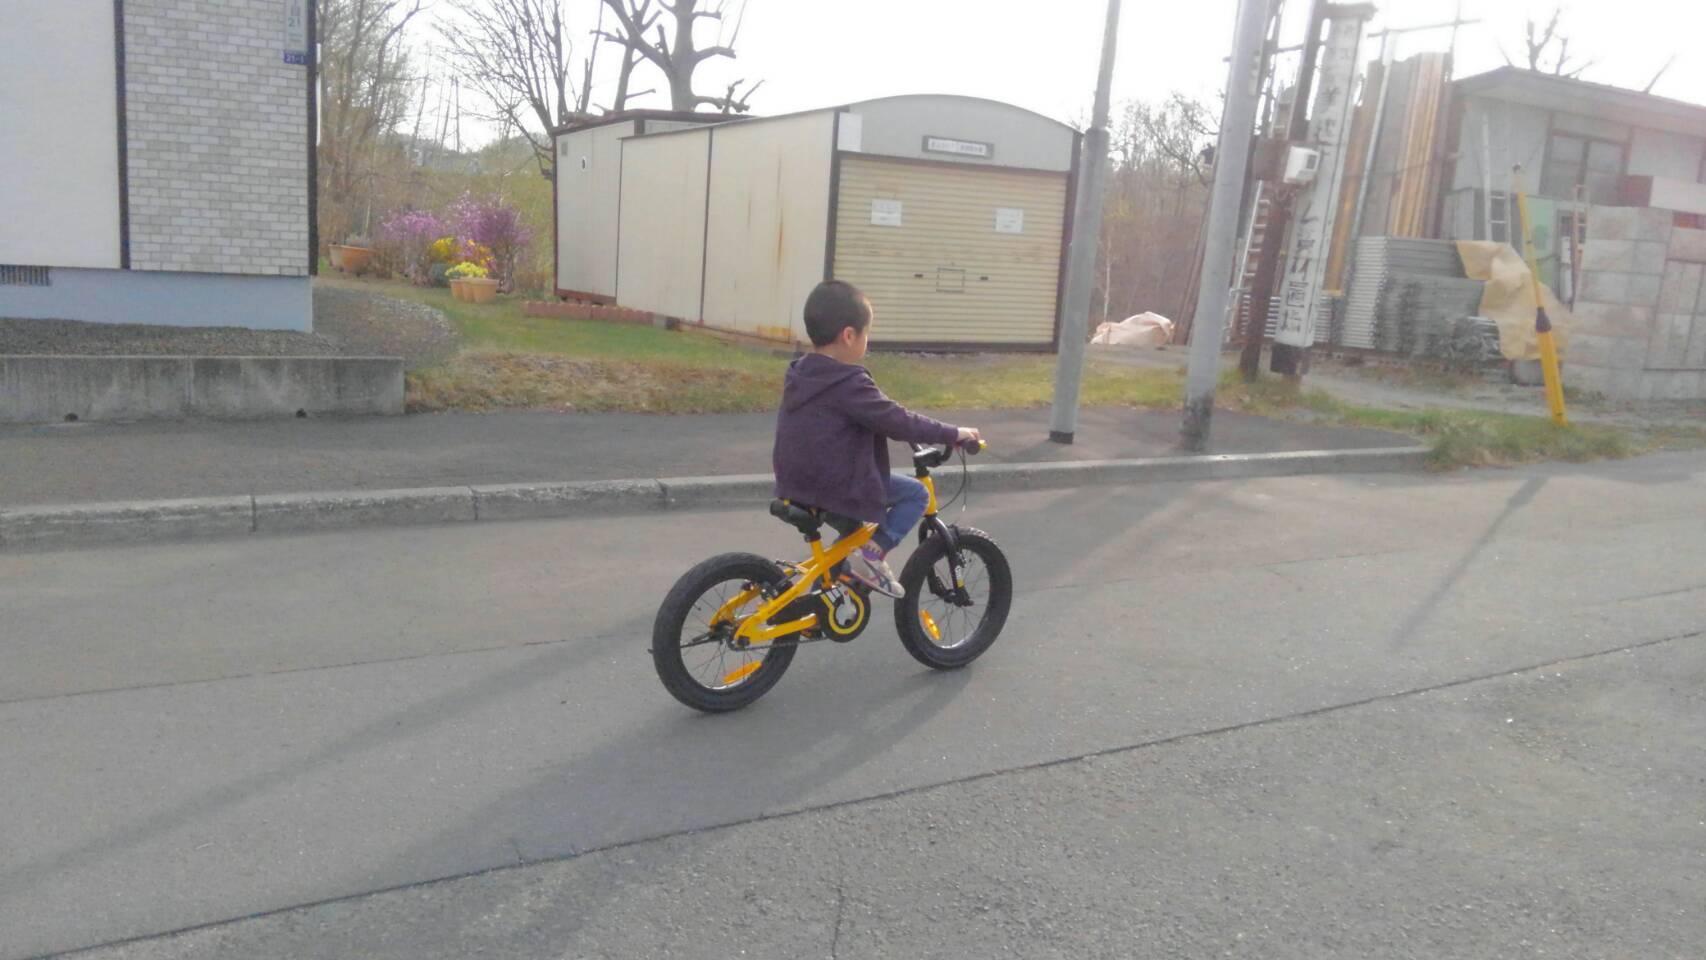 札幌市清田区 かっこいい!BMX風子ども自転車(^^)BULL DOZER_a0216771_10142359.jpg